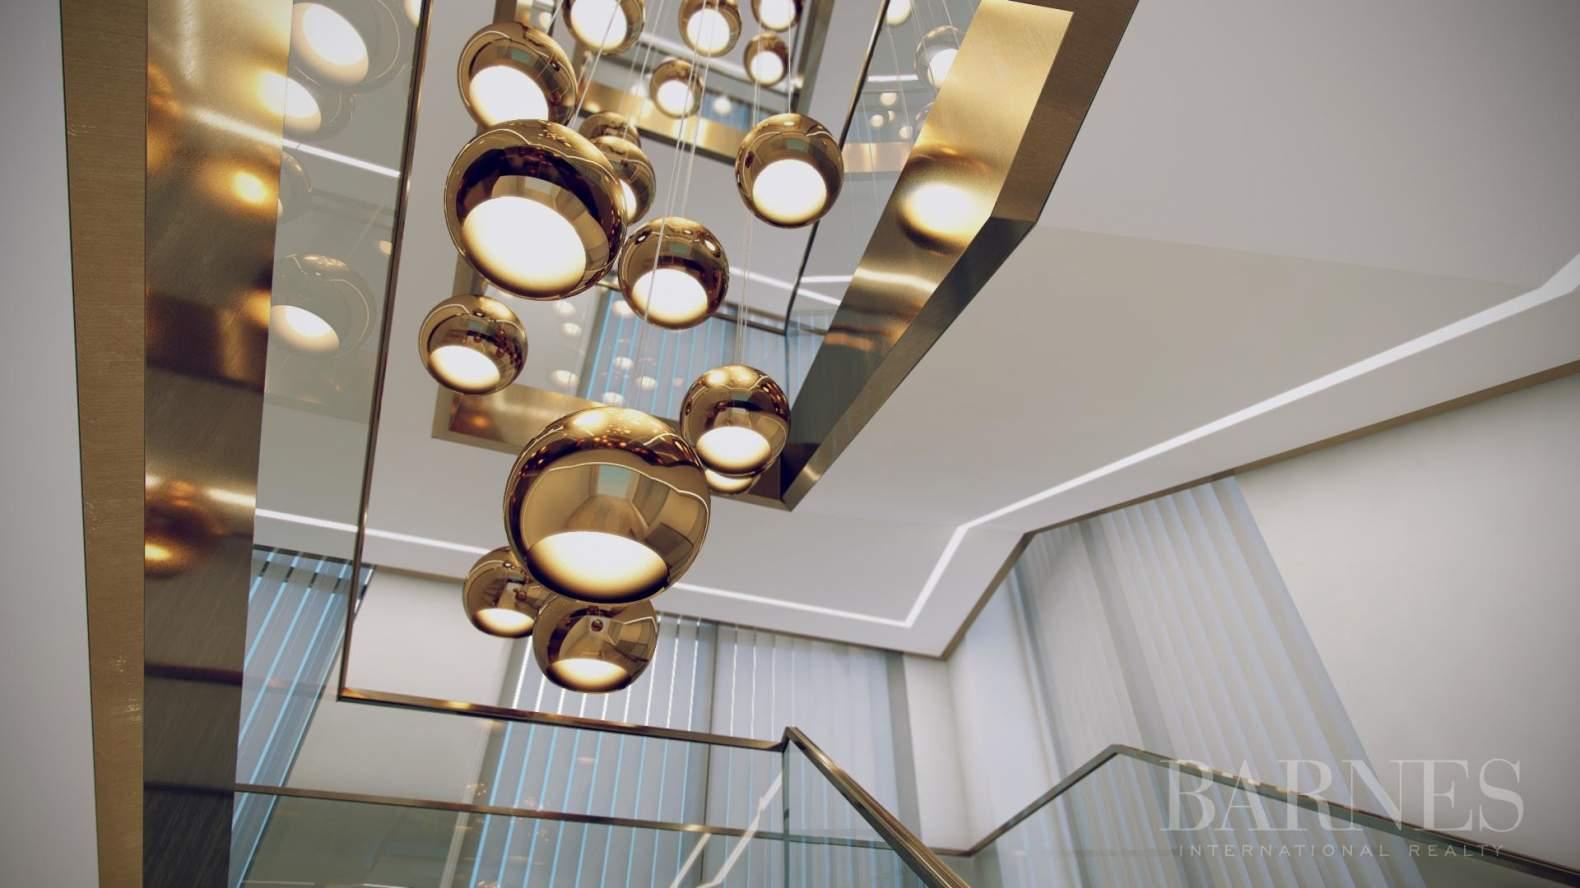 Moscow  - Апартаменты 2 Комнаты, 1 Спальня - picture 11